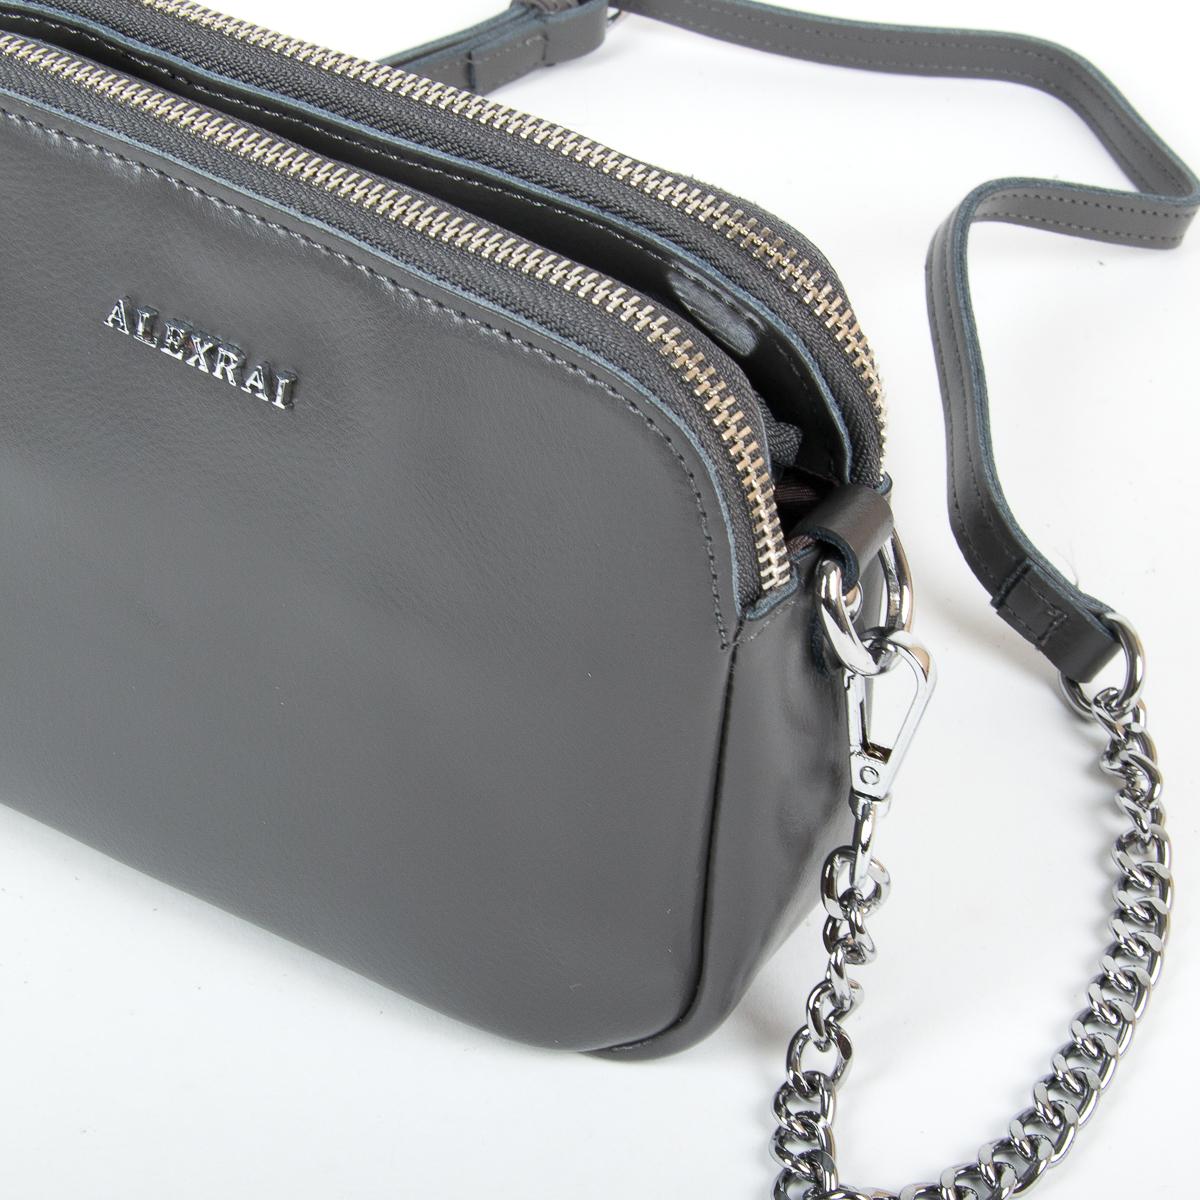 Сумка Женская Клатч кожа ALEX RAI 9-01 8701 grey - фото 3